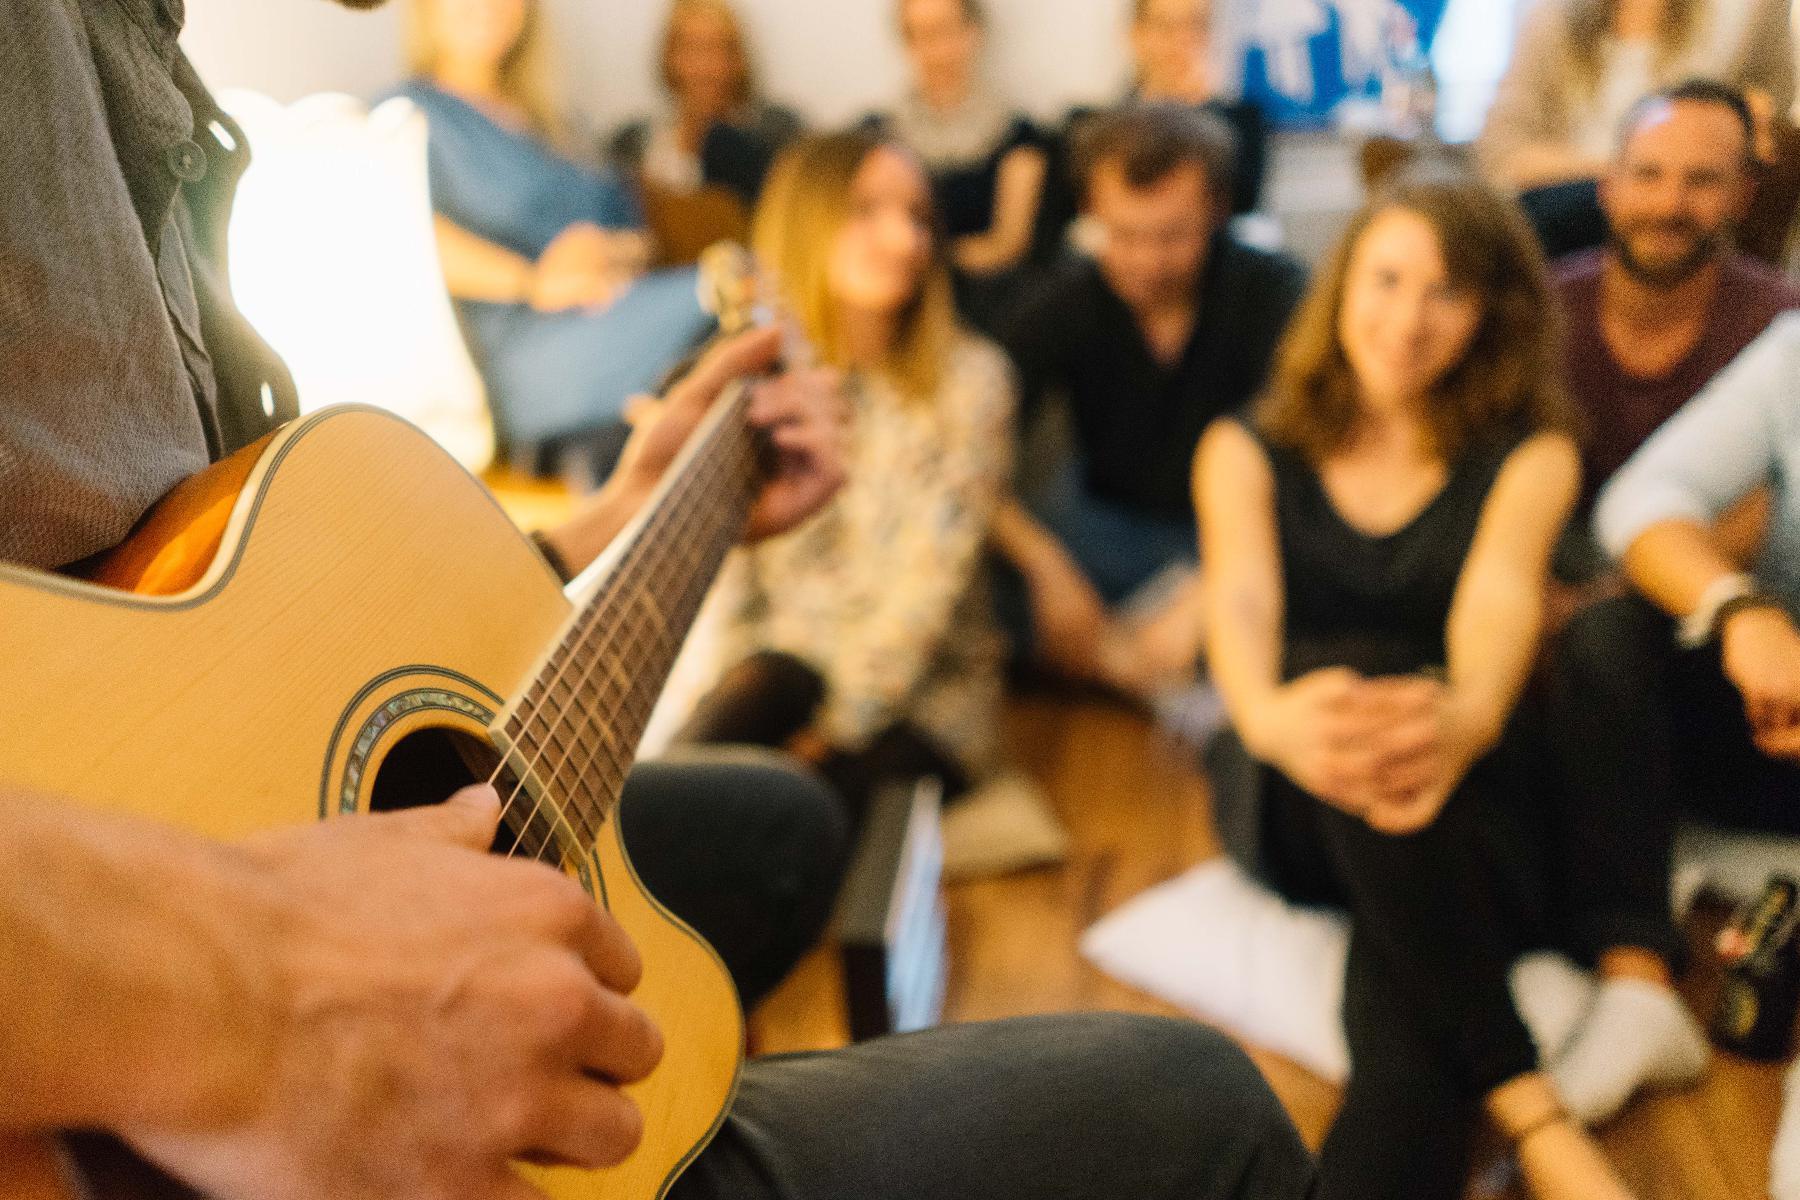 Gitarre im Fokus - Wohnzimmerkonzert